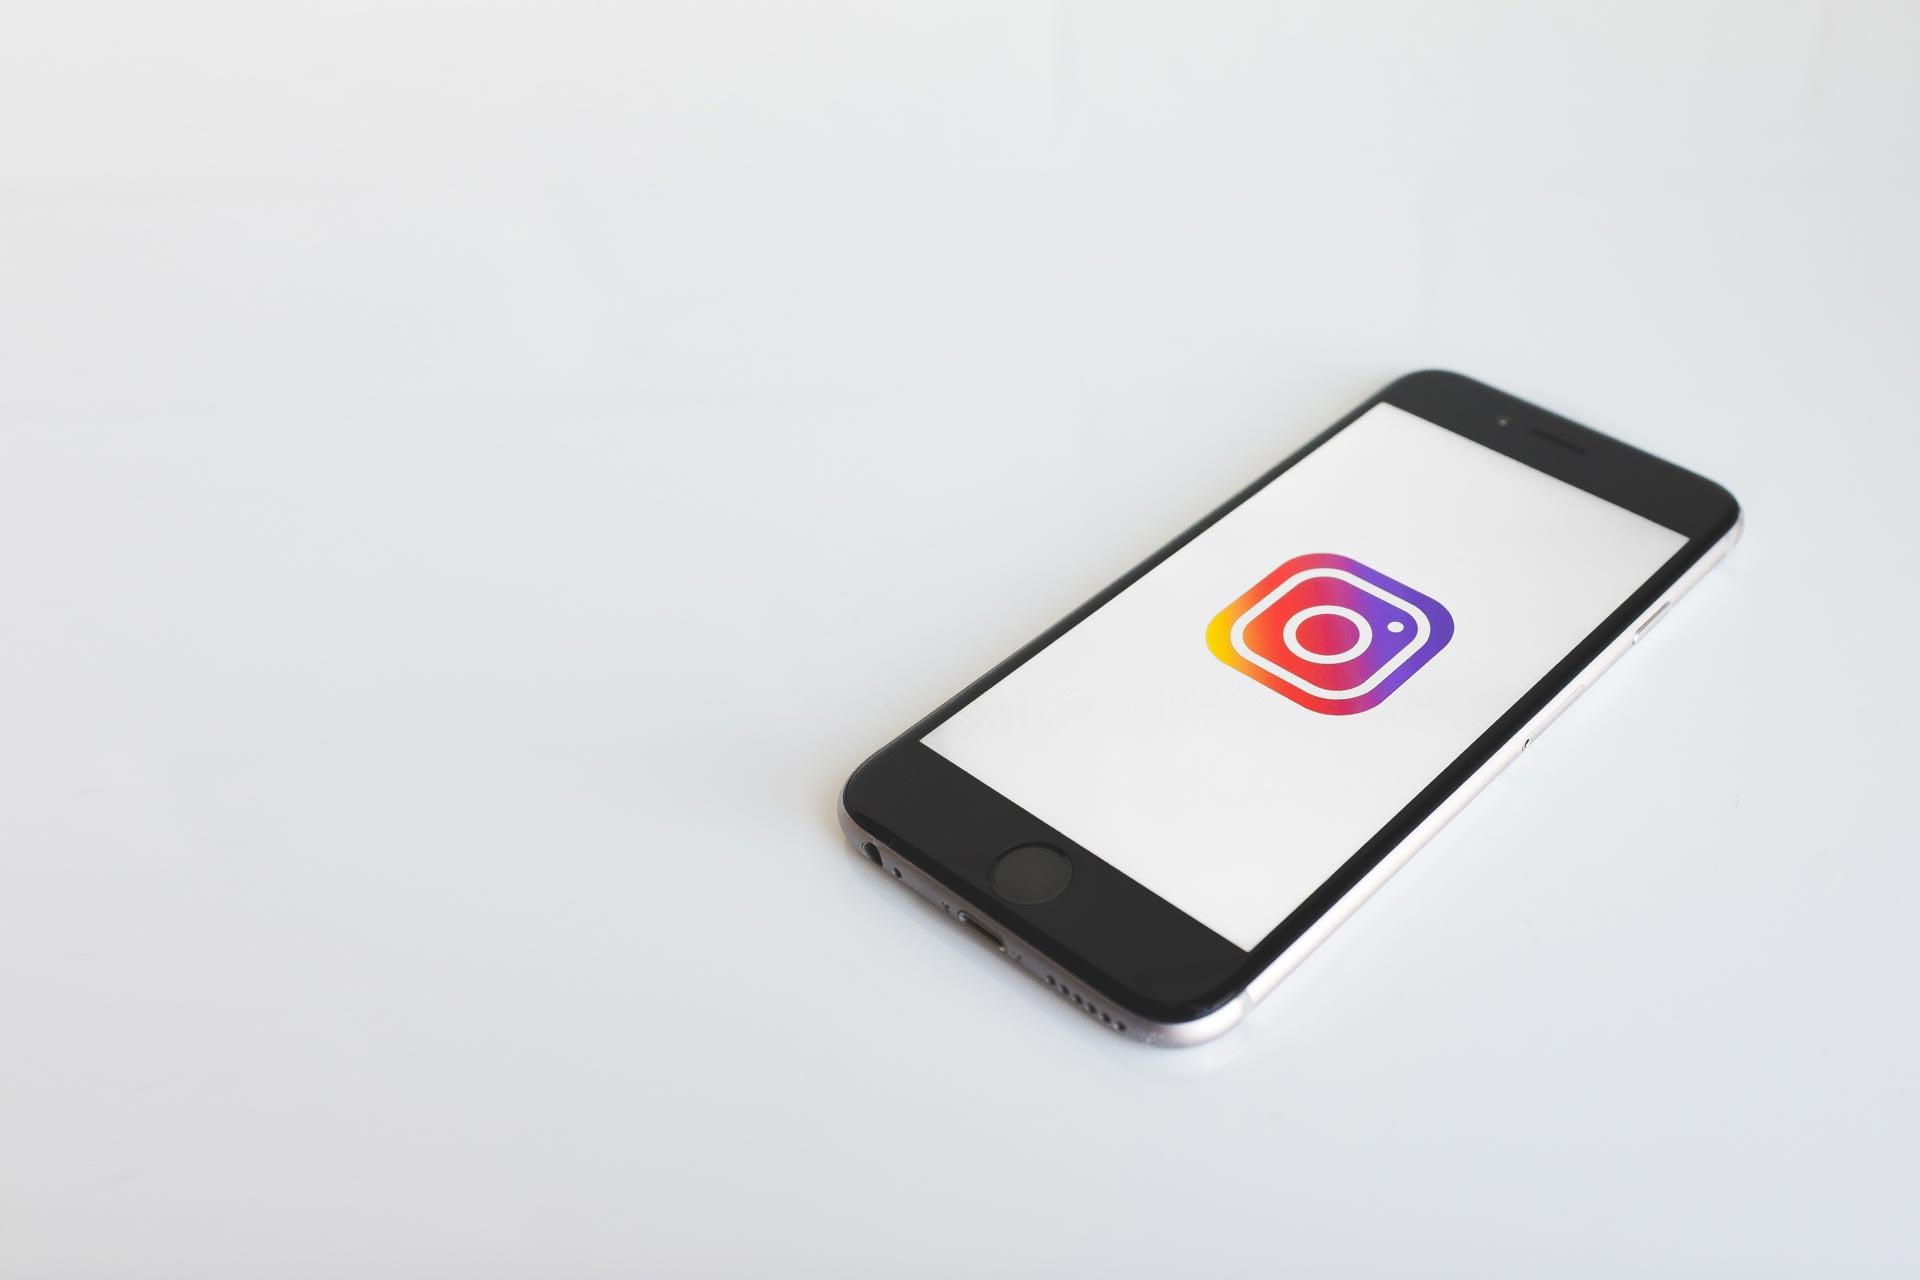 Slik lager du en bedriftsprofil på Instagram